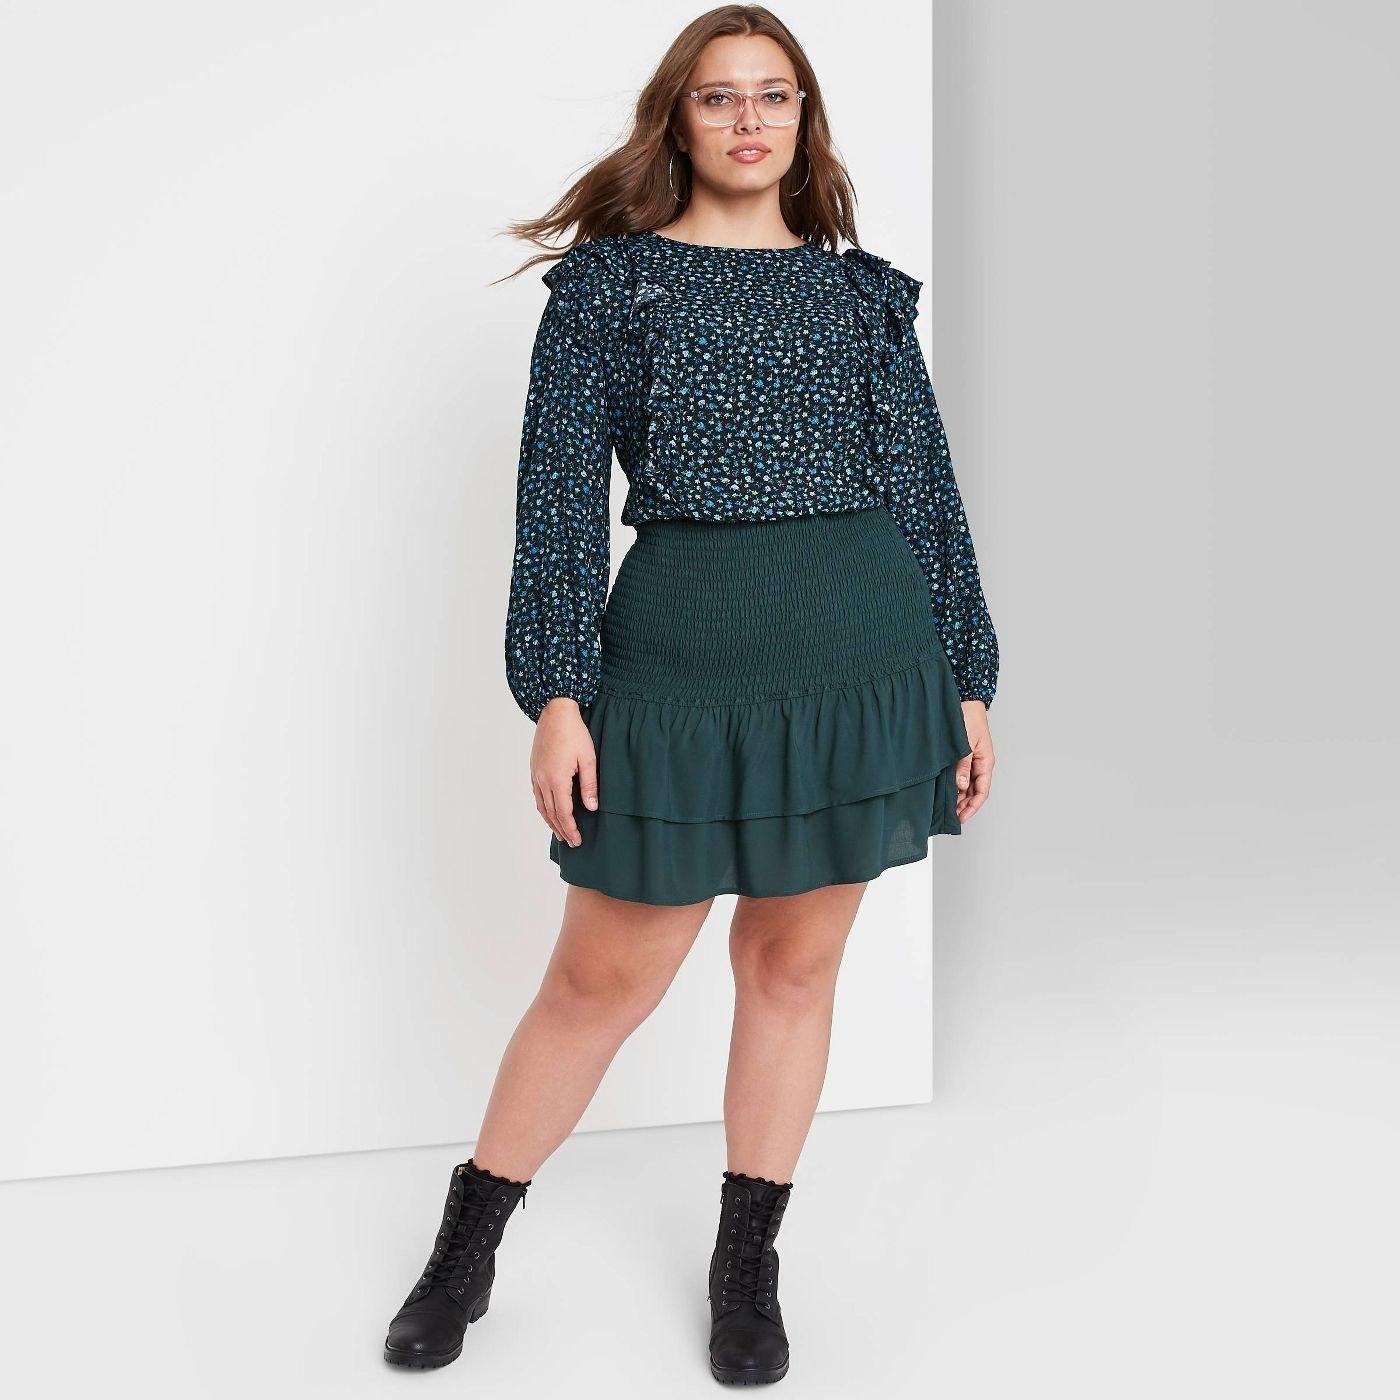 Model wearing the skirt